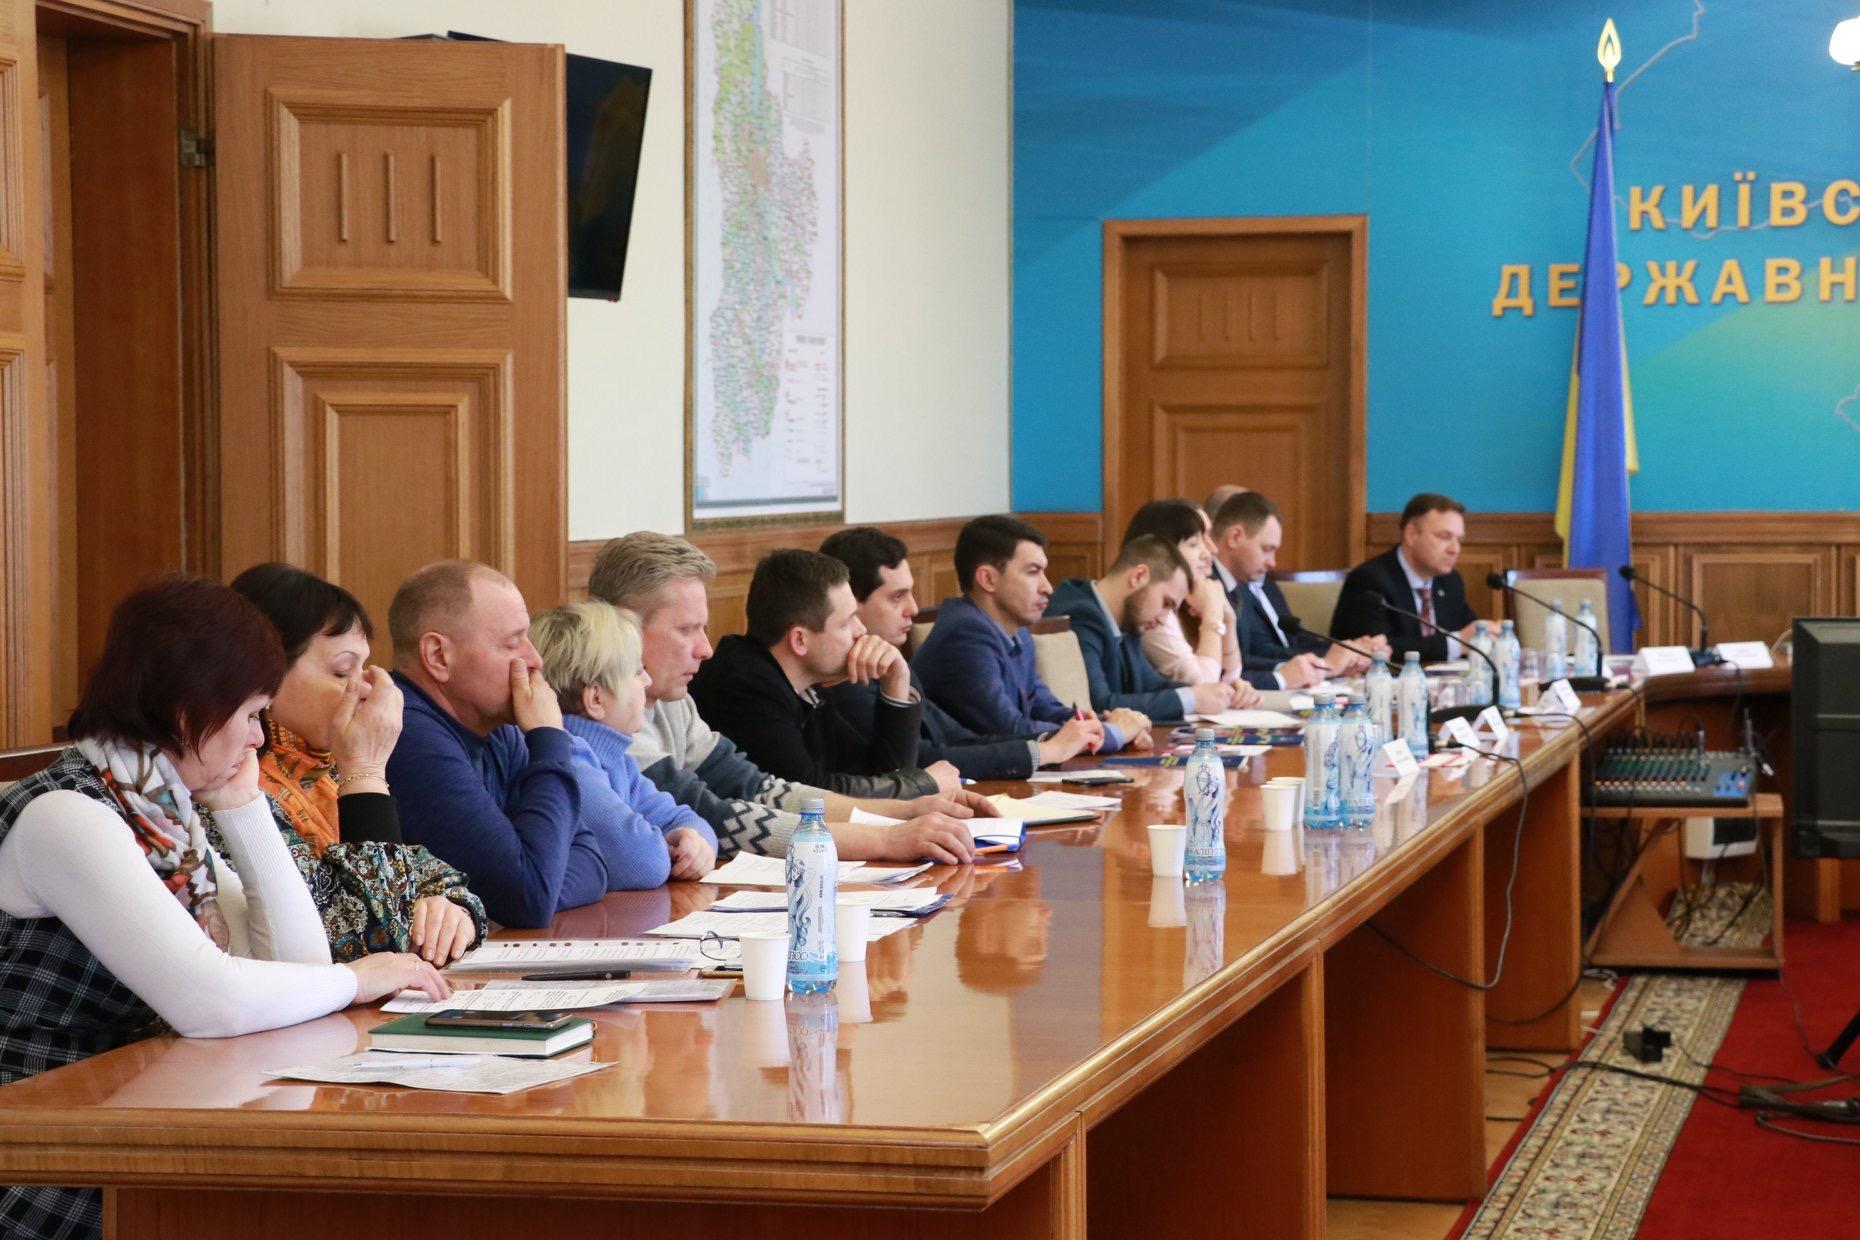 0329_Antyrejd_shtab2 Чи допоможе аграріям Київщини відновлення роботи антирейдерського штабу?